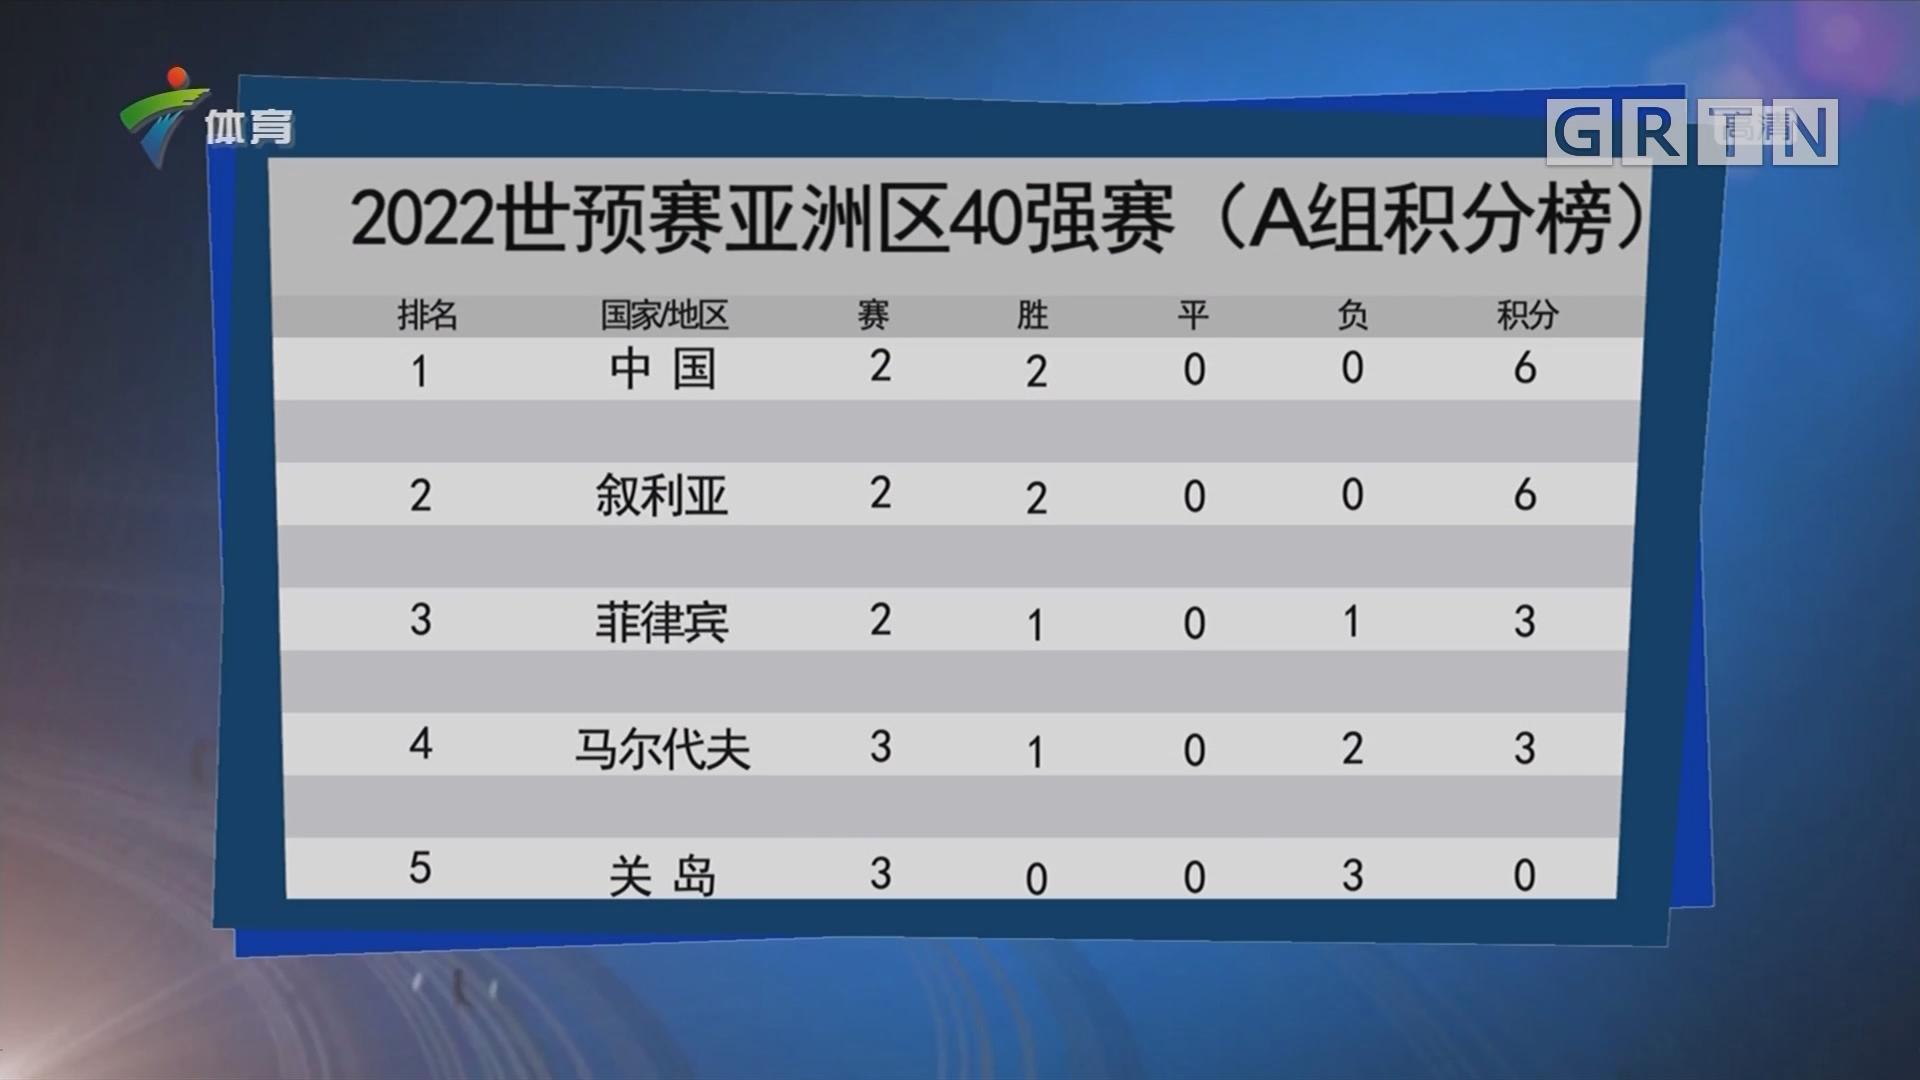 2022年世预赛亚洲区40强赛(A组积分榜)